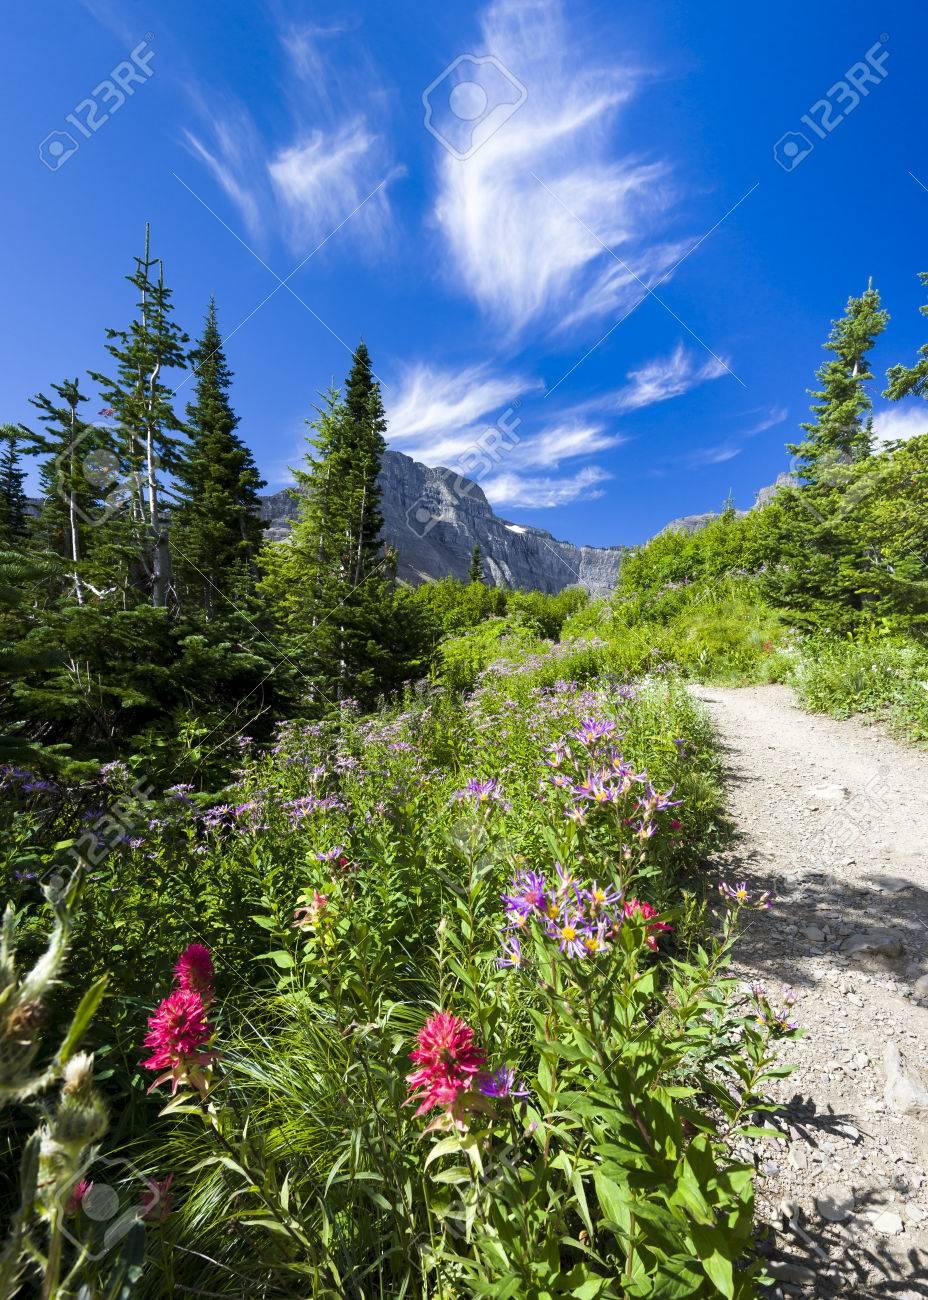 Park Art|My WordPress Blog_22+ Glacier National Park Picture Frames  Images